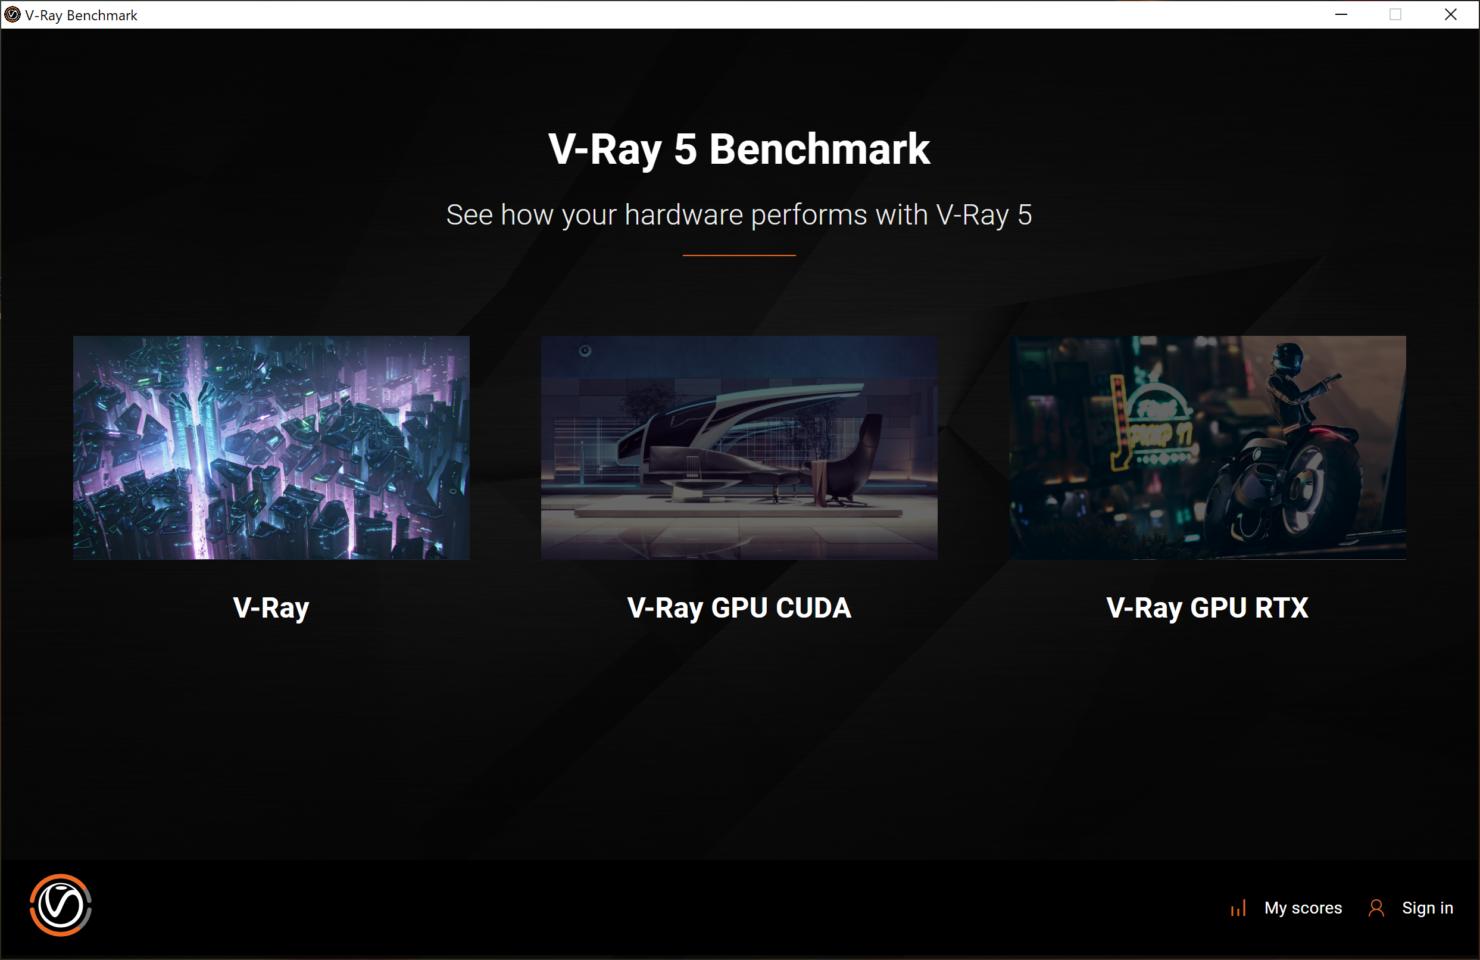 02-vray-5-benchmark-home-vray-2